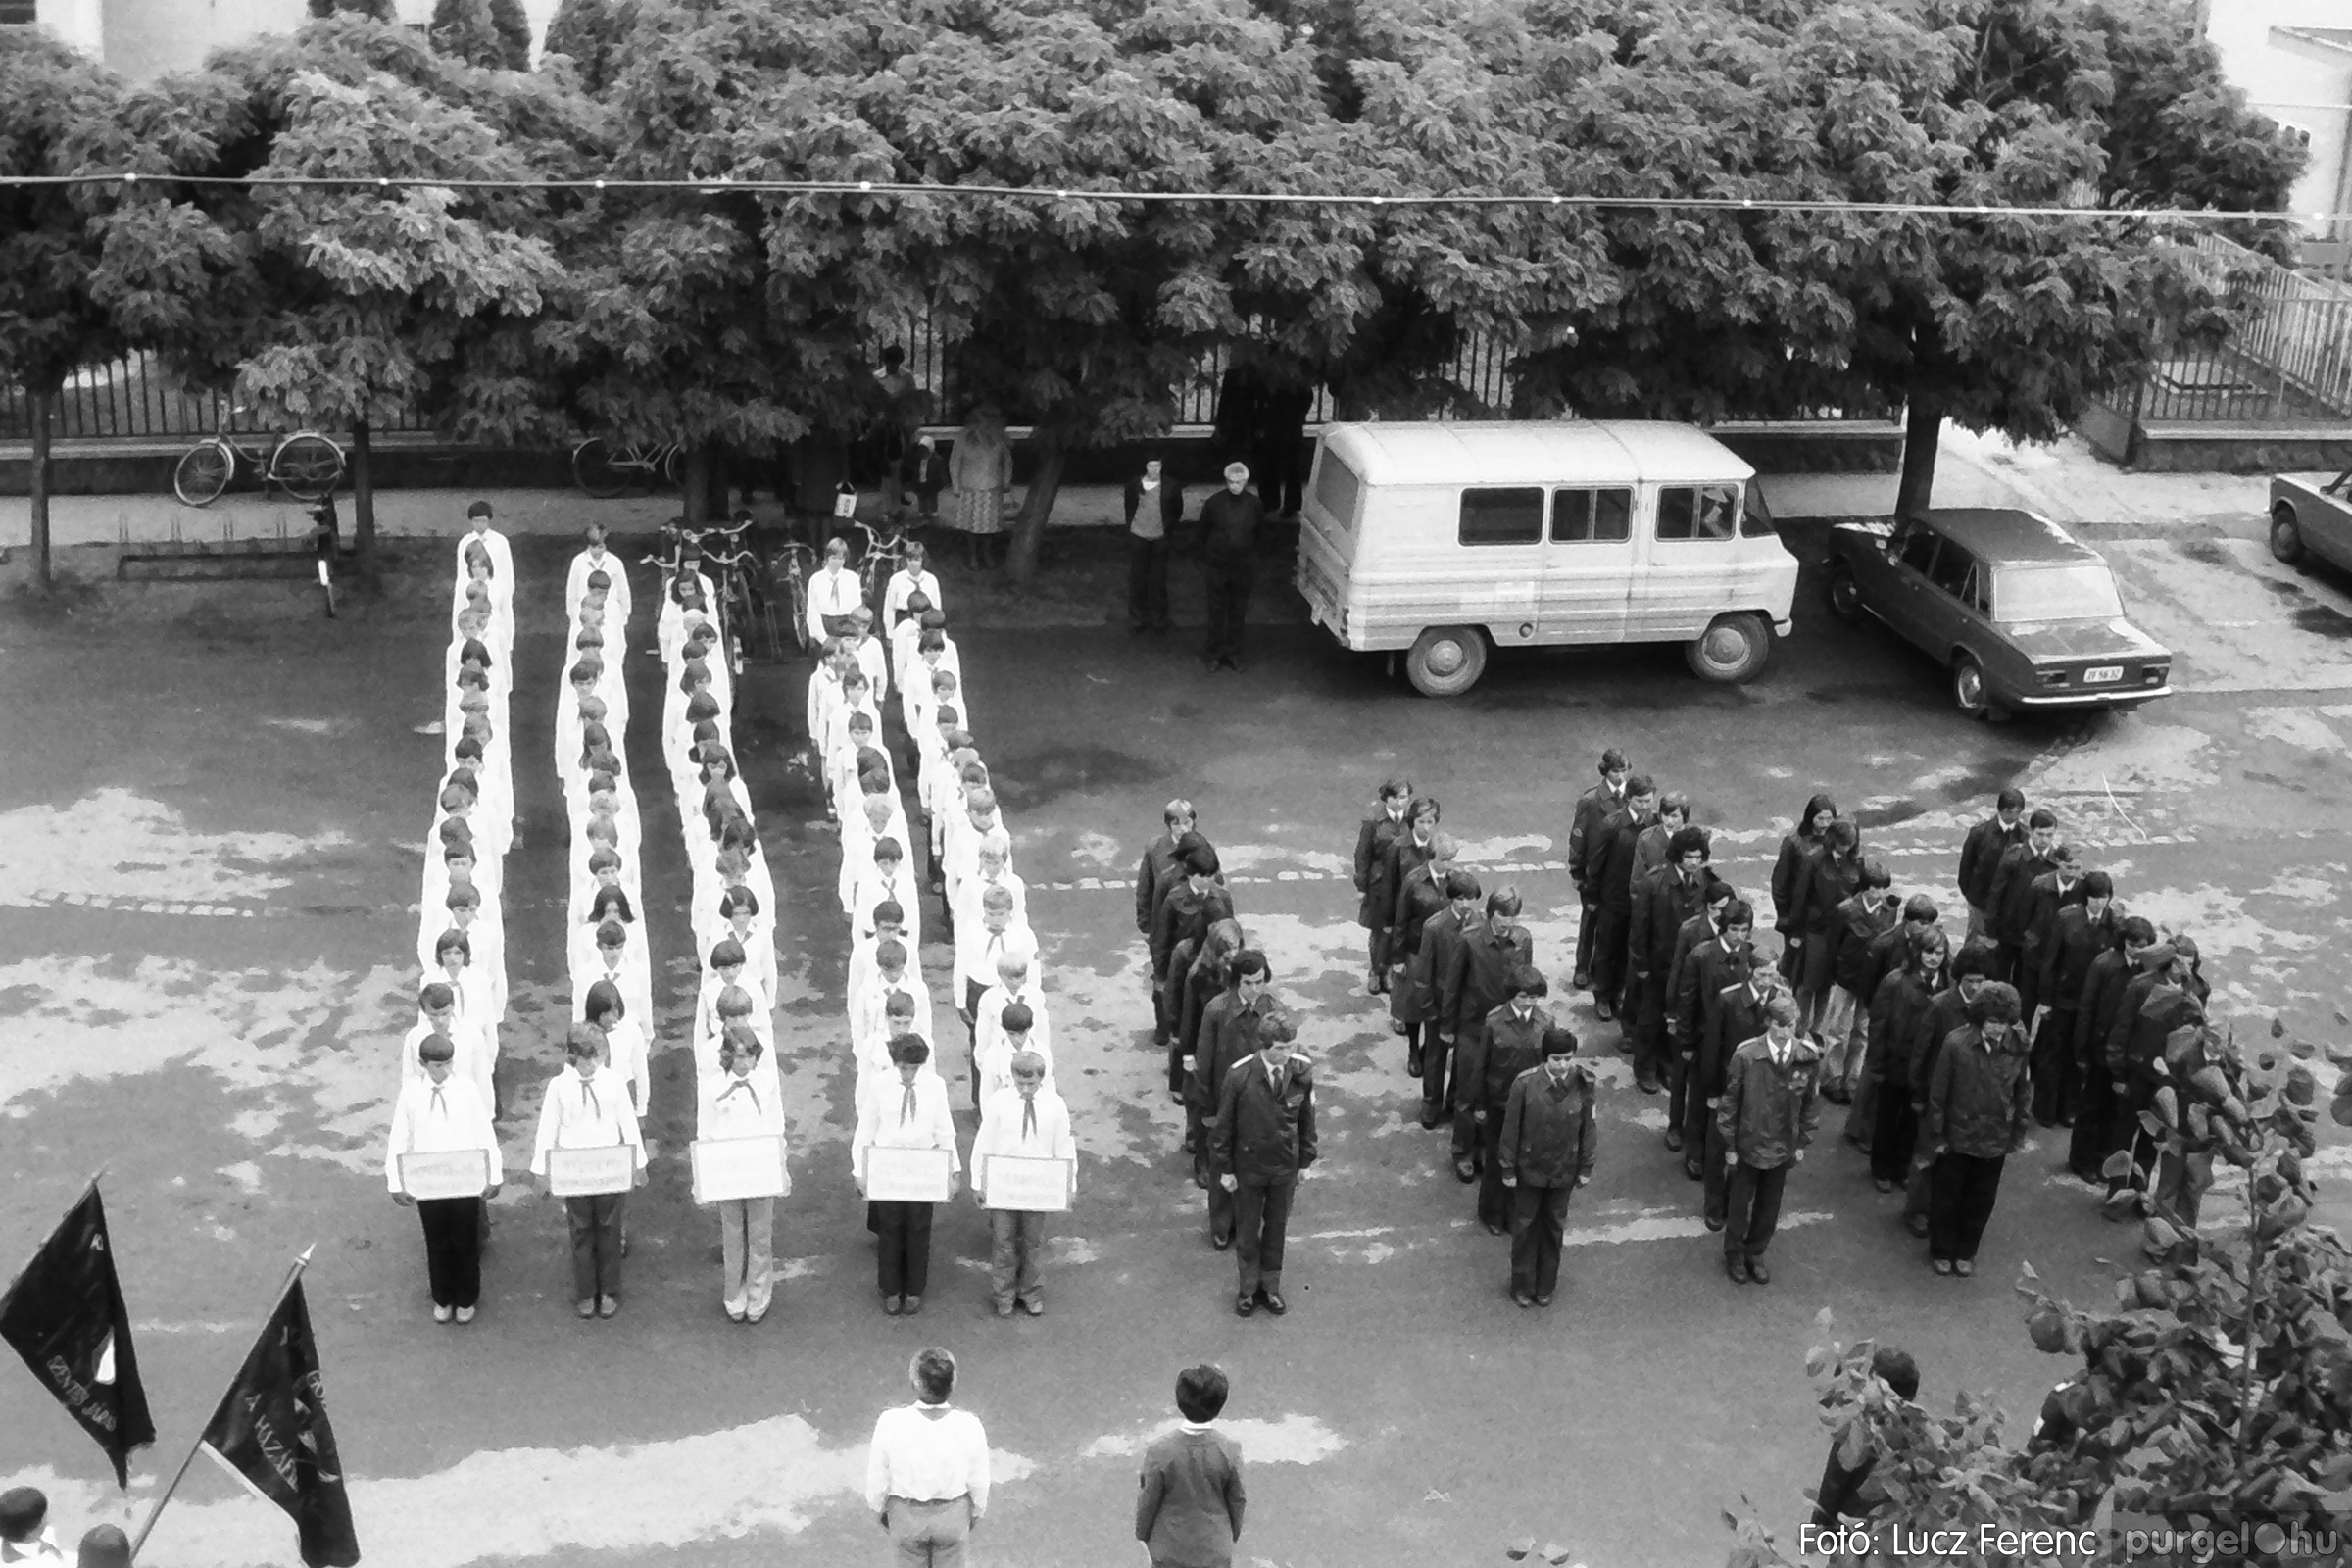 090. 1977. Úttörő gárda - ifjú gárda seregszemle 020. - Fotó: Lucz Ferenc.jpg